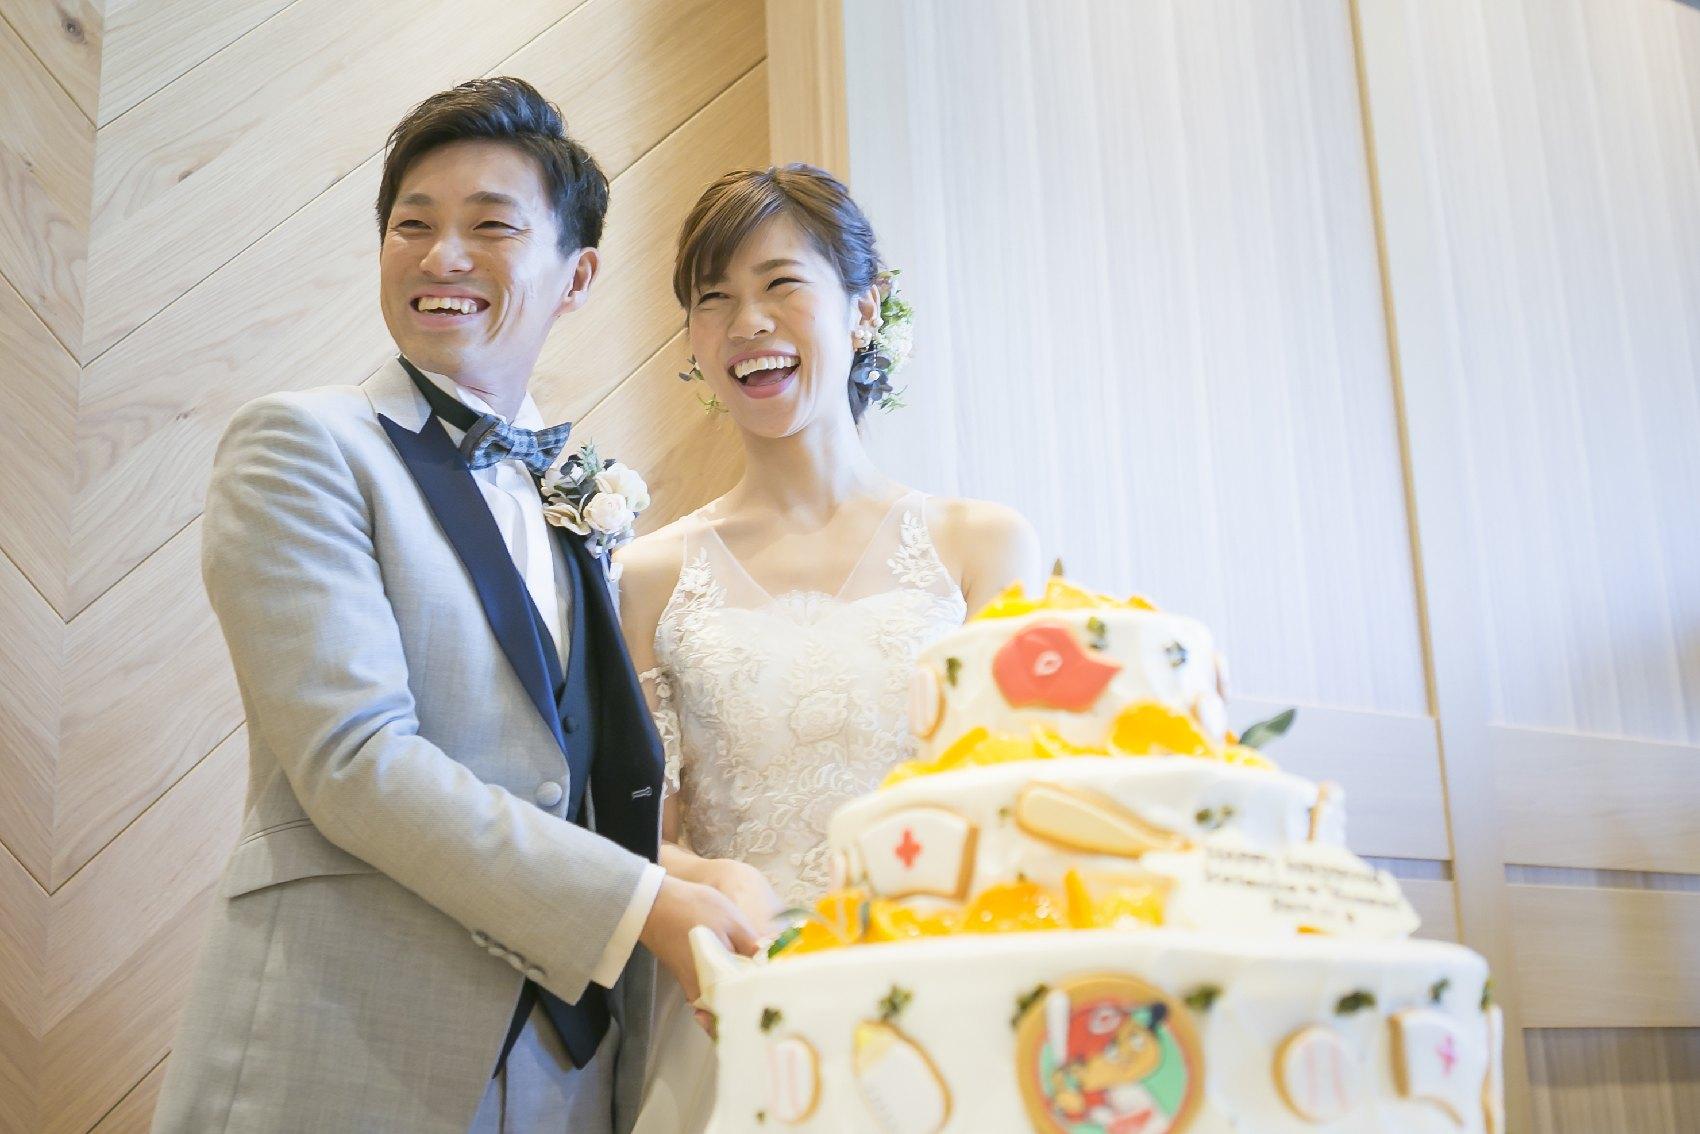 香川県高松市の結婚式場アナザースタイルのウエディングケーキでファーストバイト